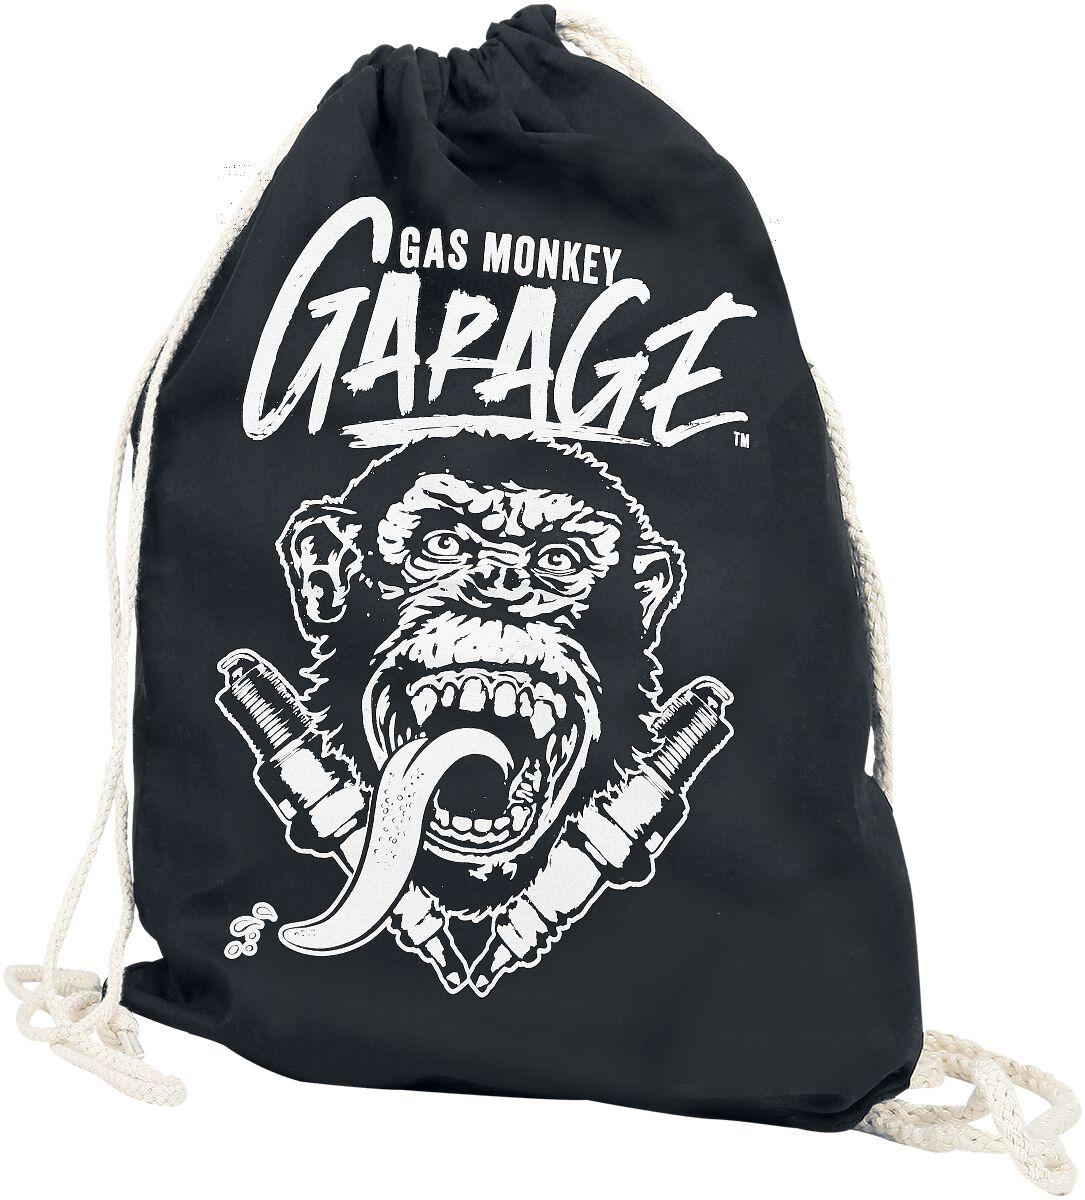 Sporttaschen für Frauen - Gas Monkey Garage Turnbeutel schwarz  - Onlineshop EMP